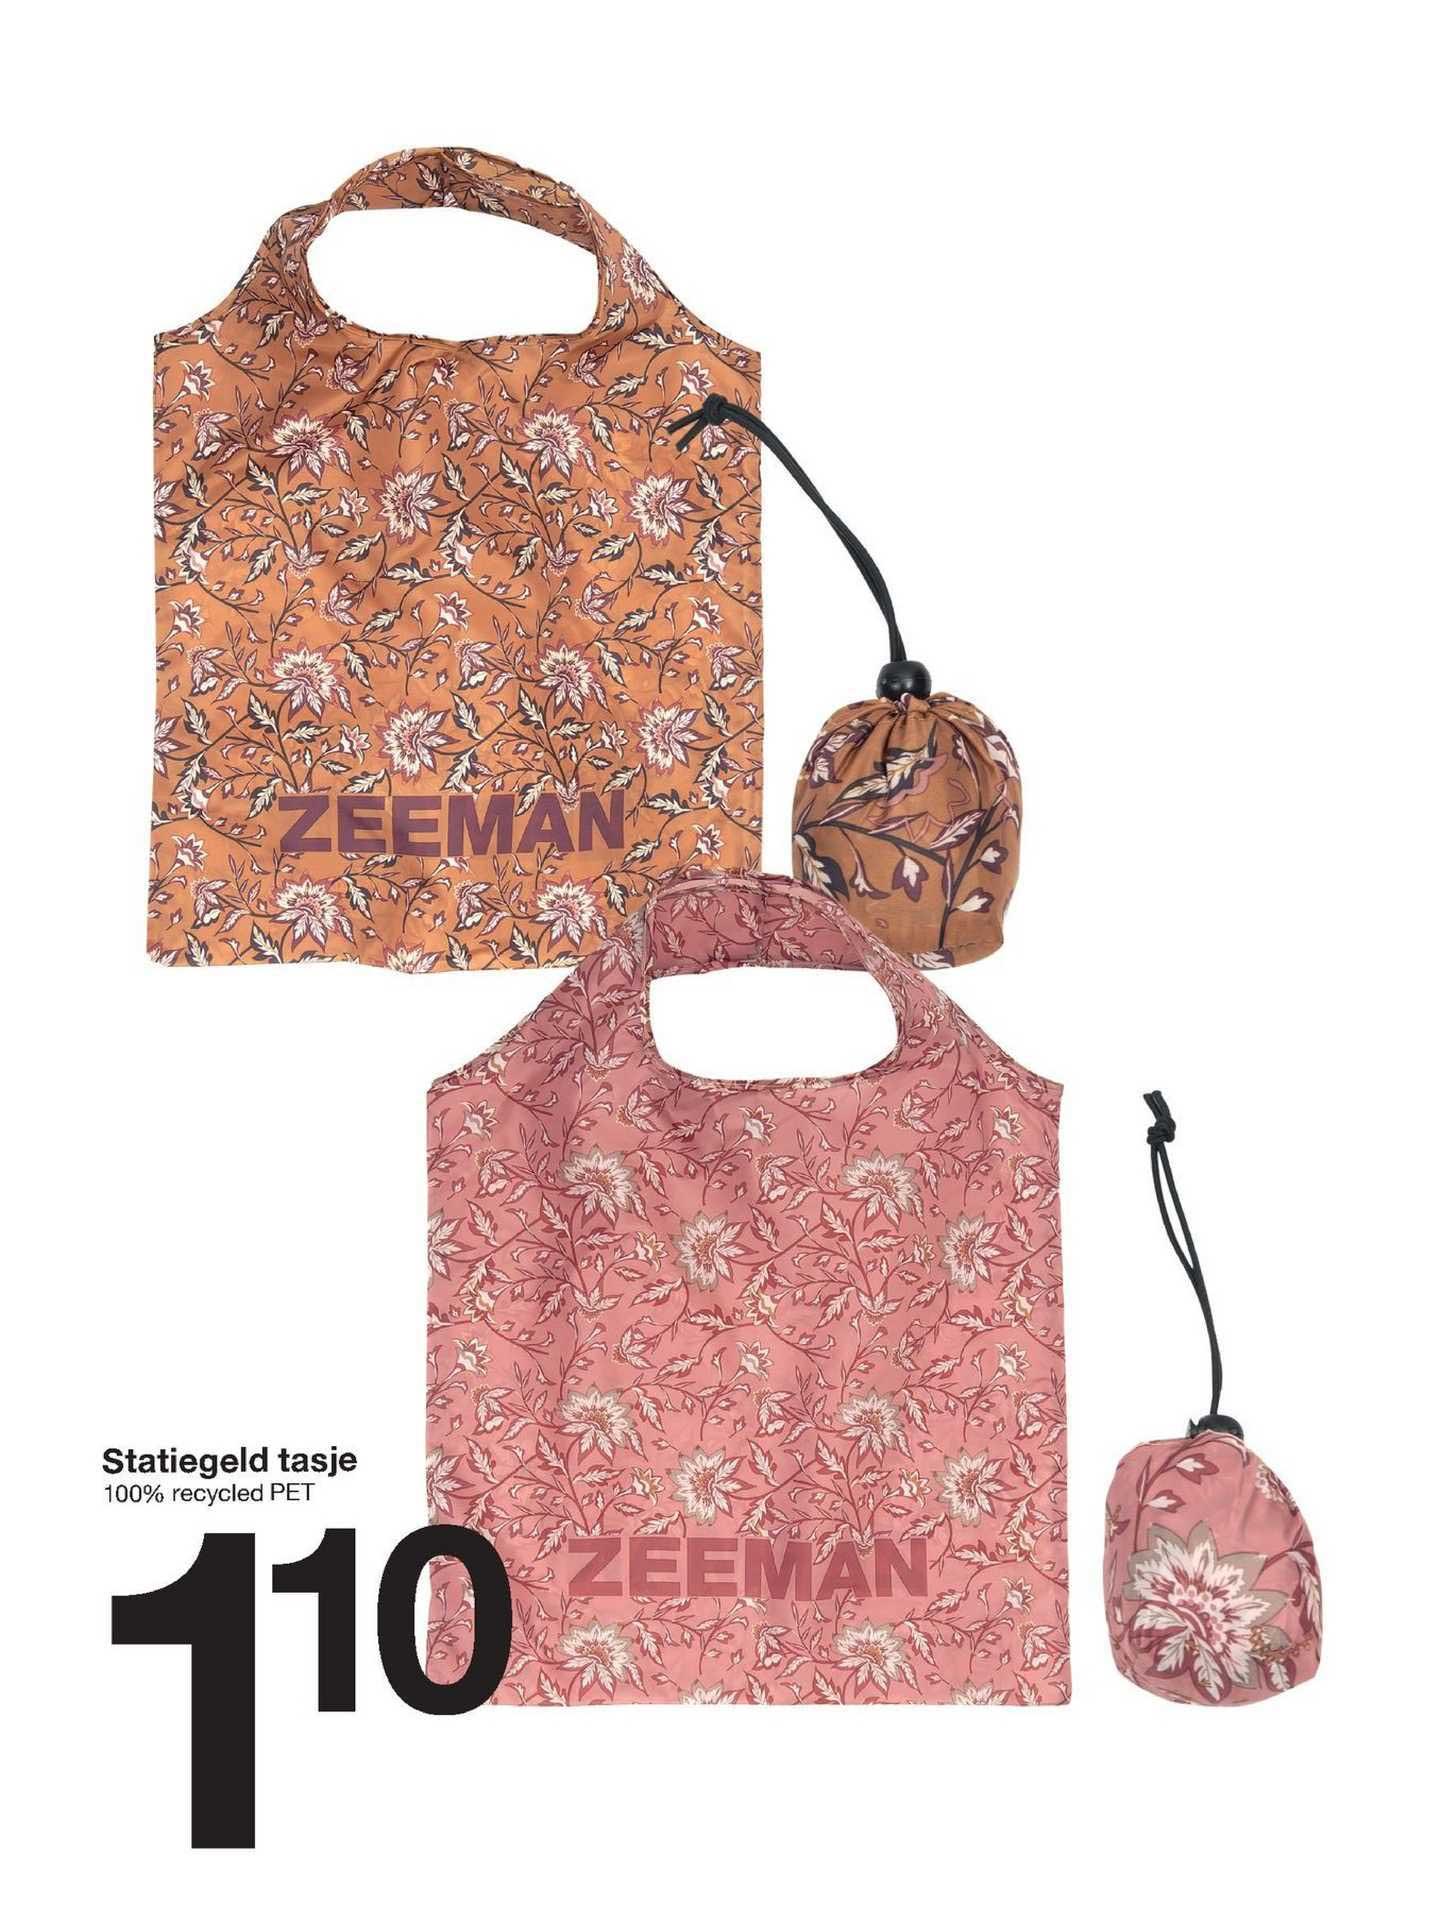 Zeeman Statiegeld Tasje